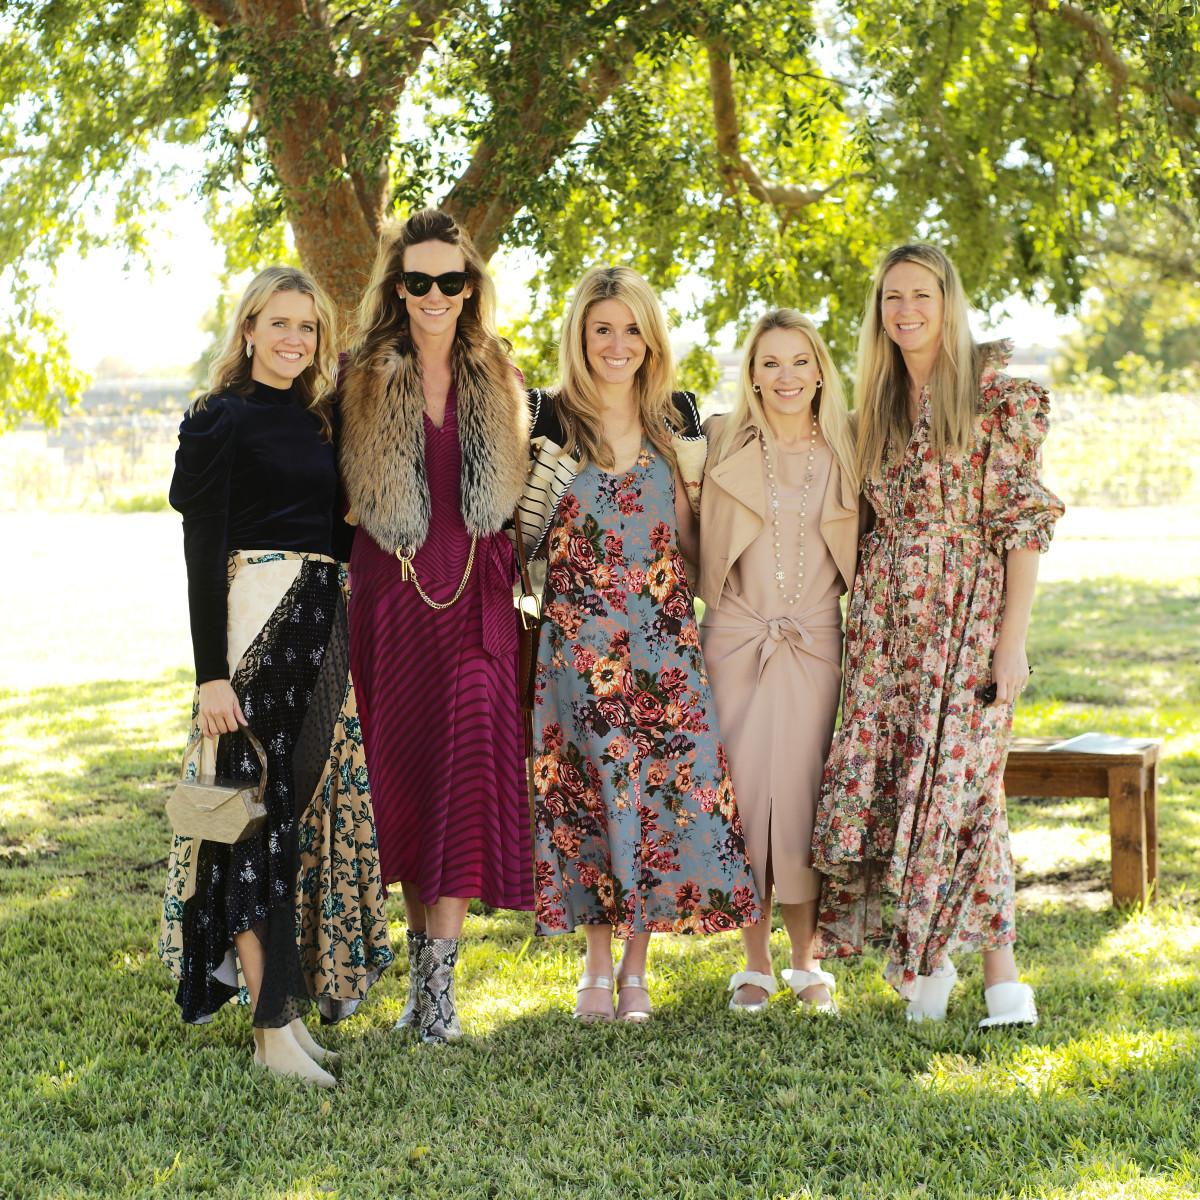 Fashion in the Fields 2019 Lyndsey Zorich, Allison O'Neill, Natalie Steen, Lauren Page, Kelly Scofield_171_R4SFashionintheFieldsDOrtizPhoto_111019.jpg